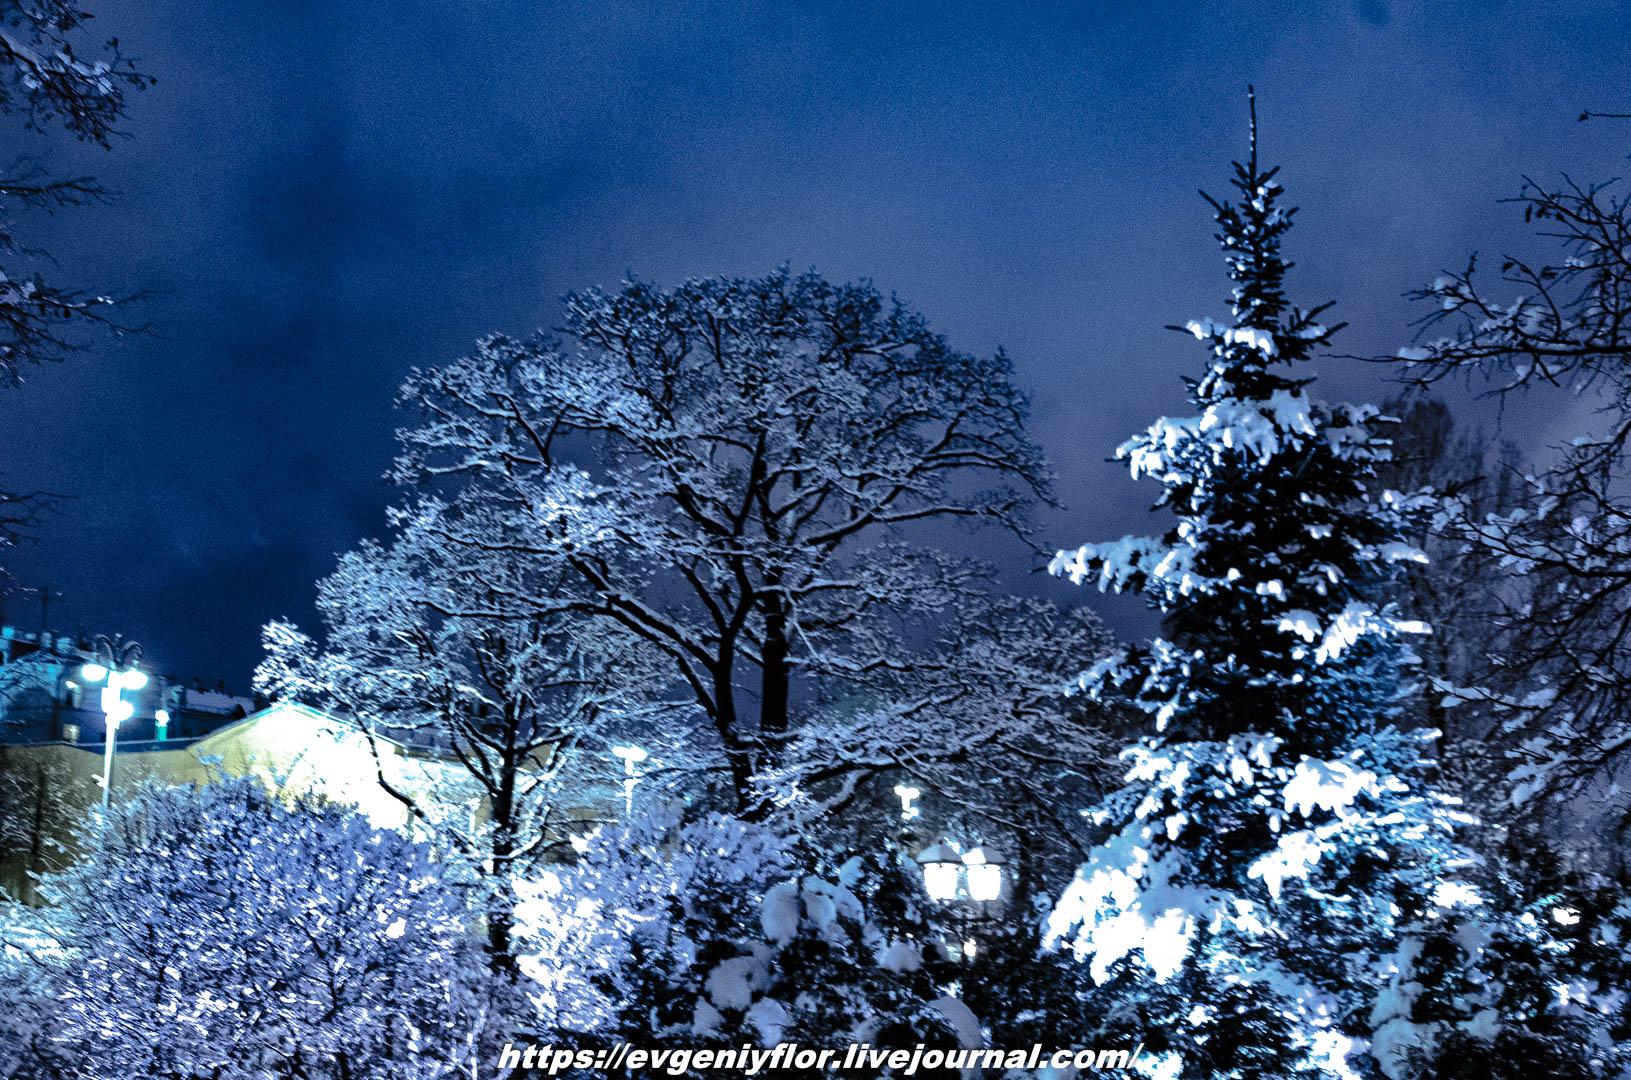 Вечерняя прогулка после снегопада    13 02 - 2019 Среда !Новая папка (2)6616.jpg